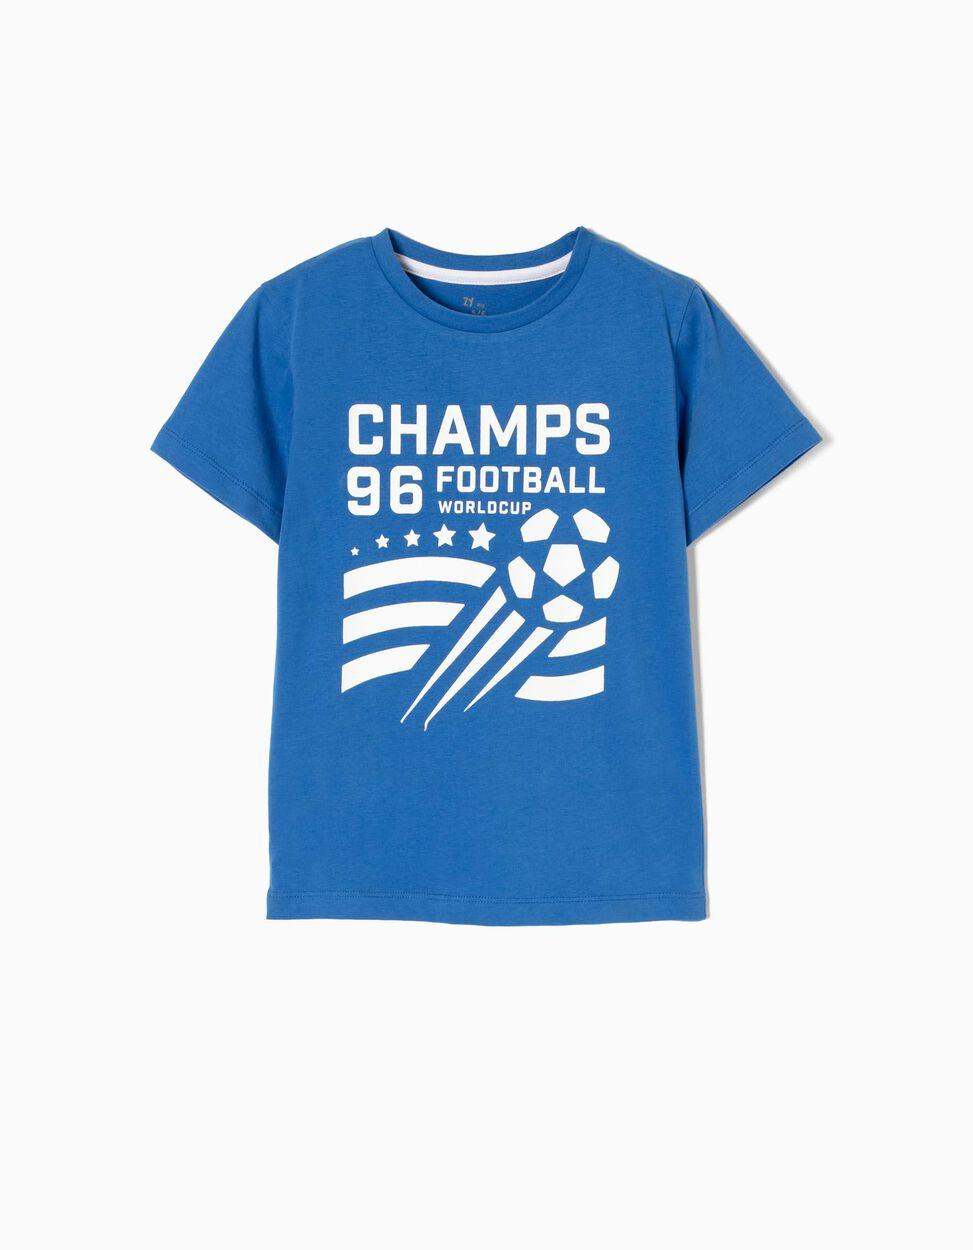 T-shirt World Cup Soccer 96